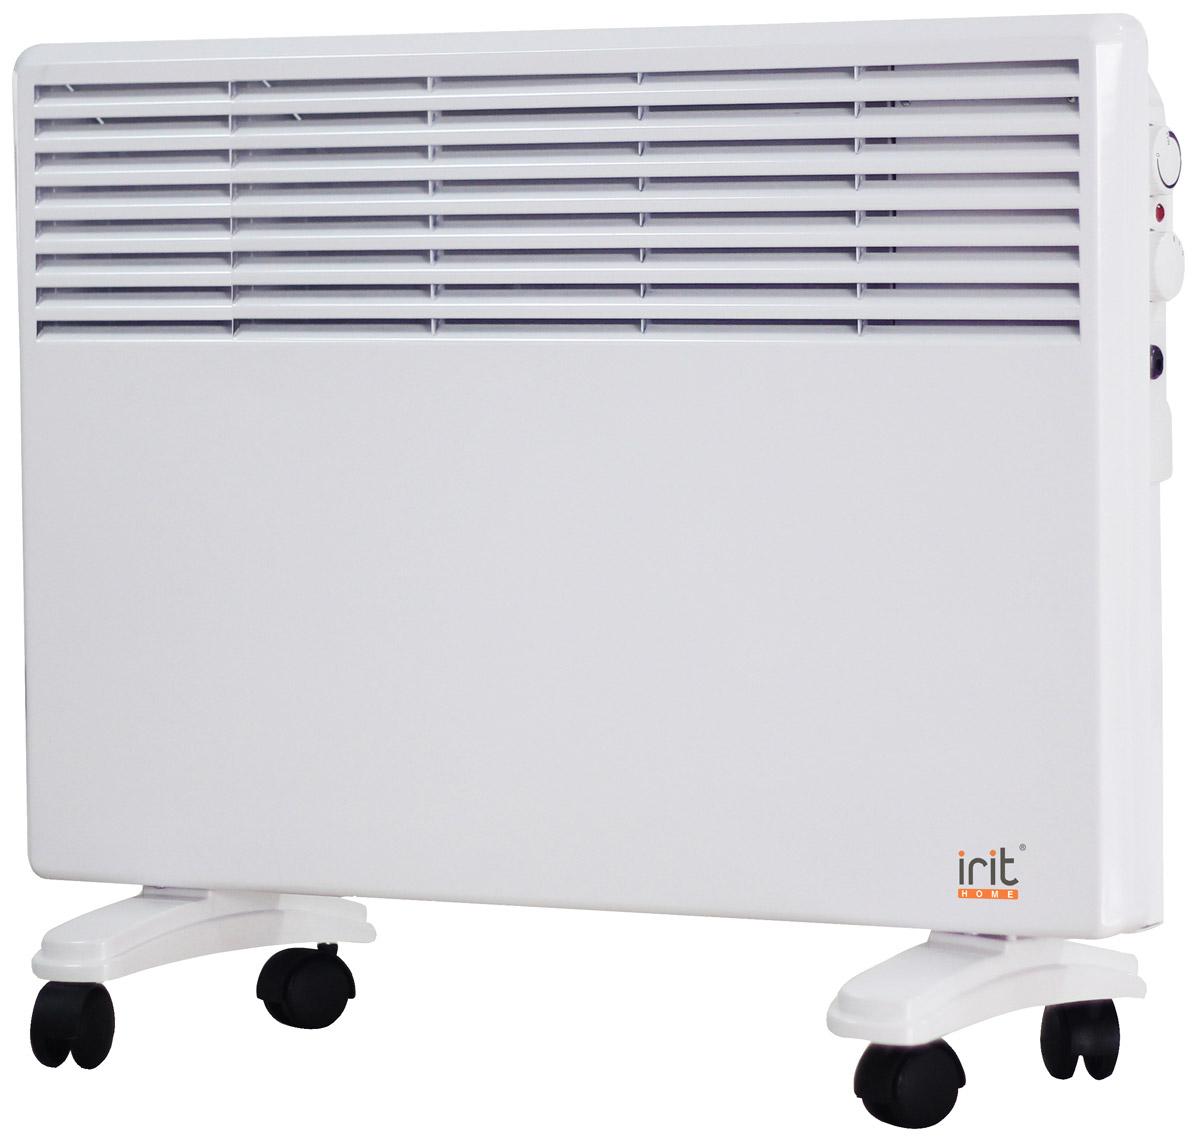 Irit IR-6206 конвекторный обогревательIR-6206Конвекторный обогреватель. Размер: 776 х 99 х 420 мм. Алюминиевый теплообменник. 2 уровня нагрева (1000/2000Вт). Регулировка температуры. Автоматическое поддержание заданной температуры. Световой индикатор работы. Возможность установки на стену, колесные опоры. Рабочее напряжение: 220-240Вт/50Гц.